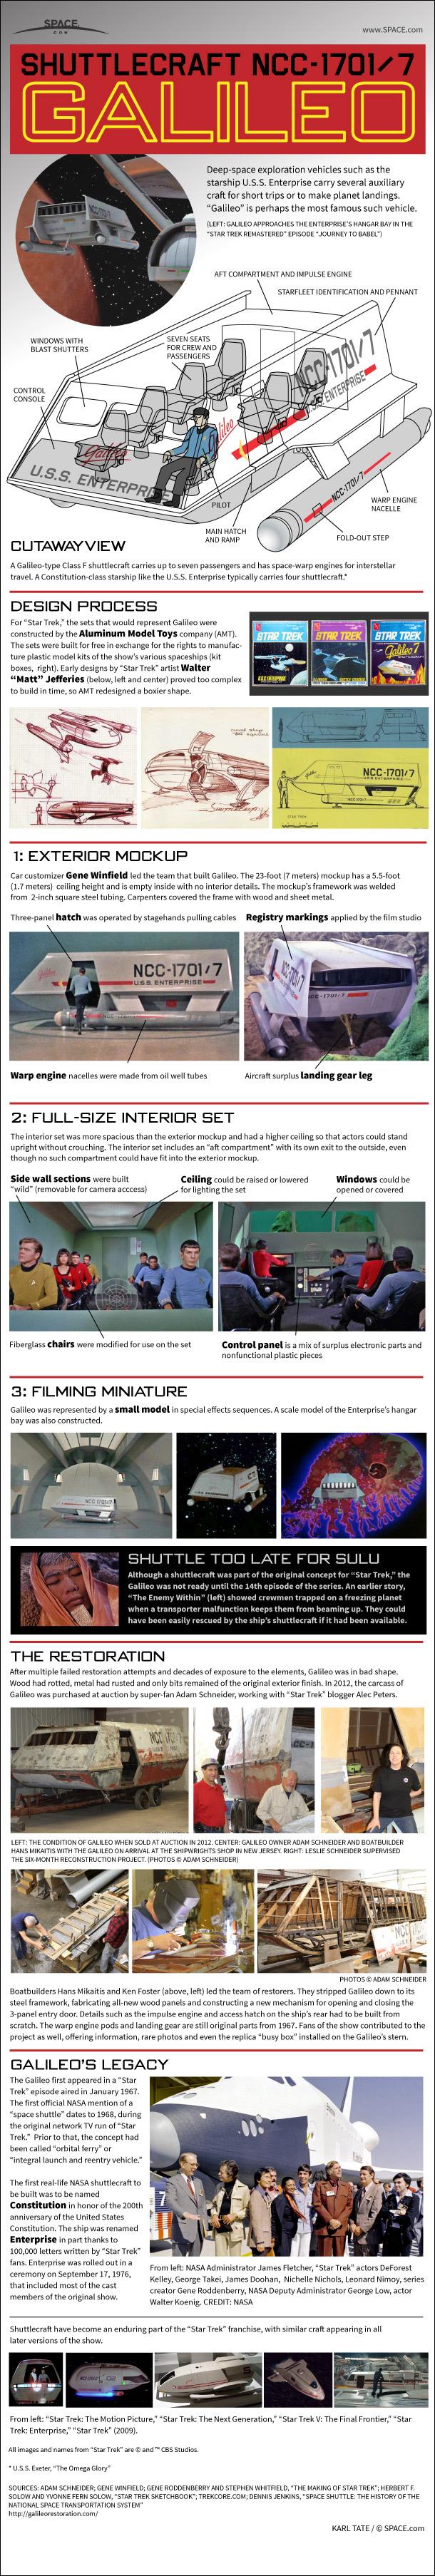 Infographic: Inside Star Trek's Galileo Shuttlecraft.